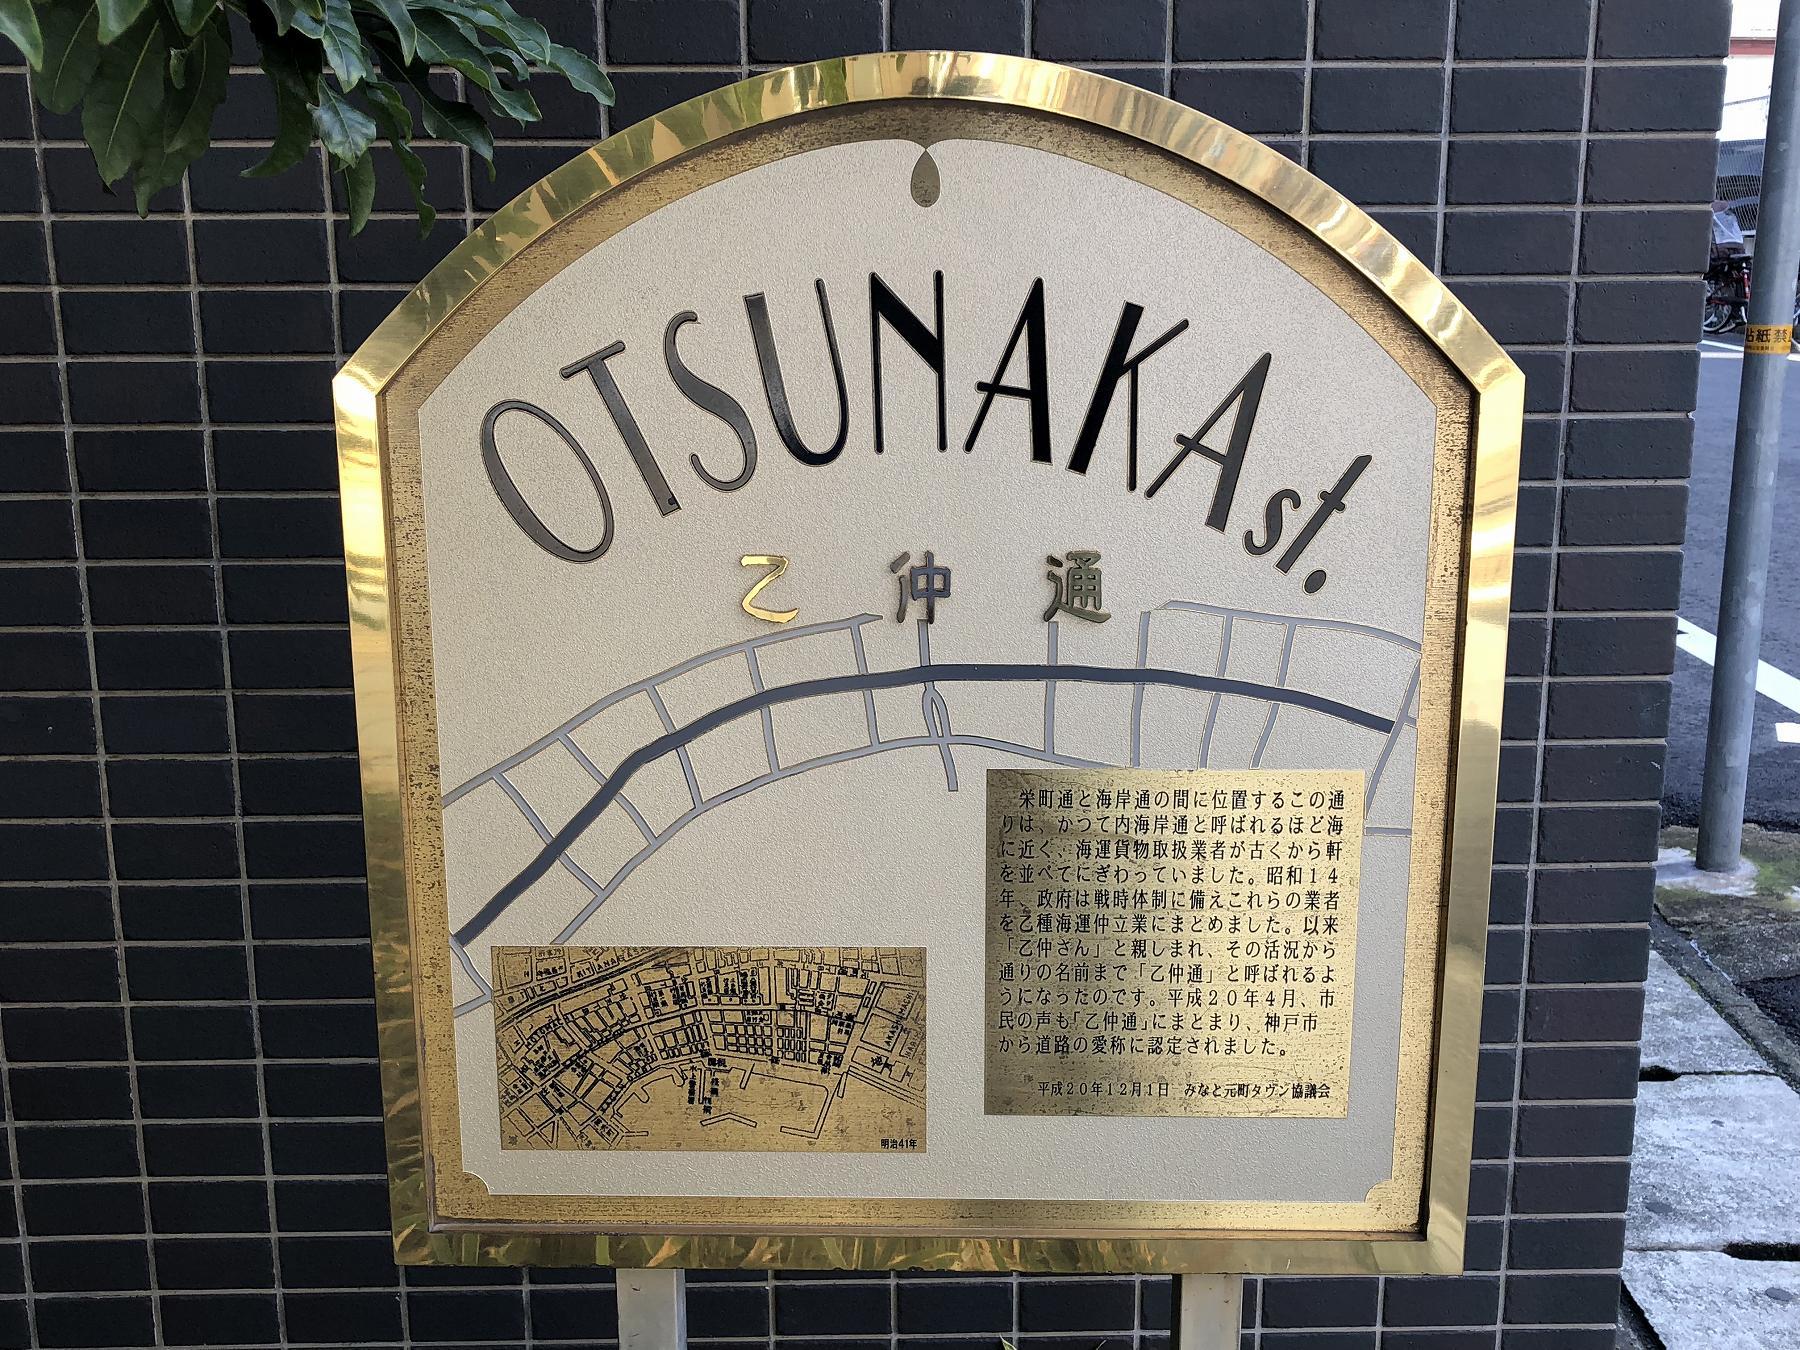 神戸・元町の人気スポット!レトロな「乙仲通」を散策してみた! #乙仲通 #近代建築 #神戸観光